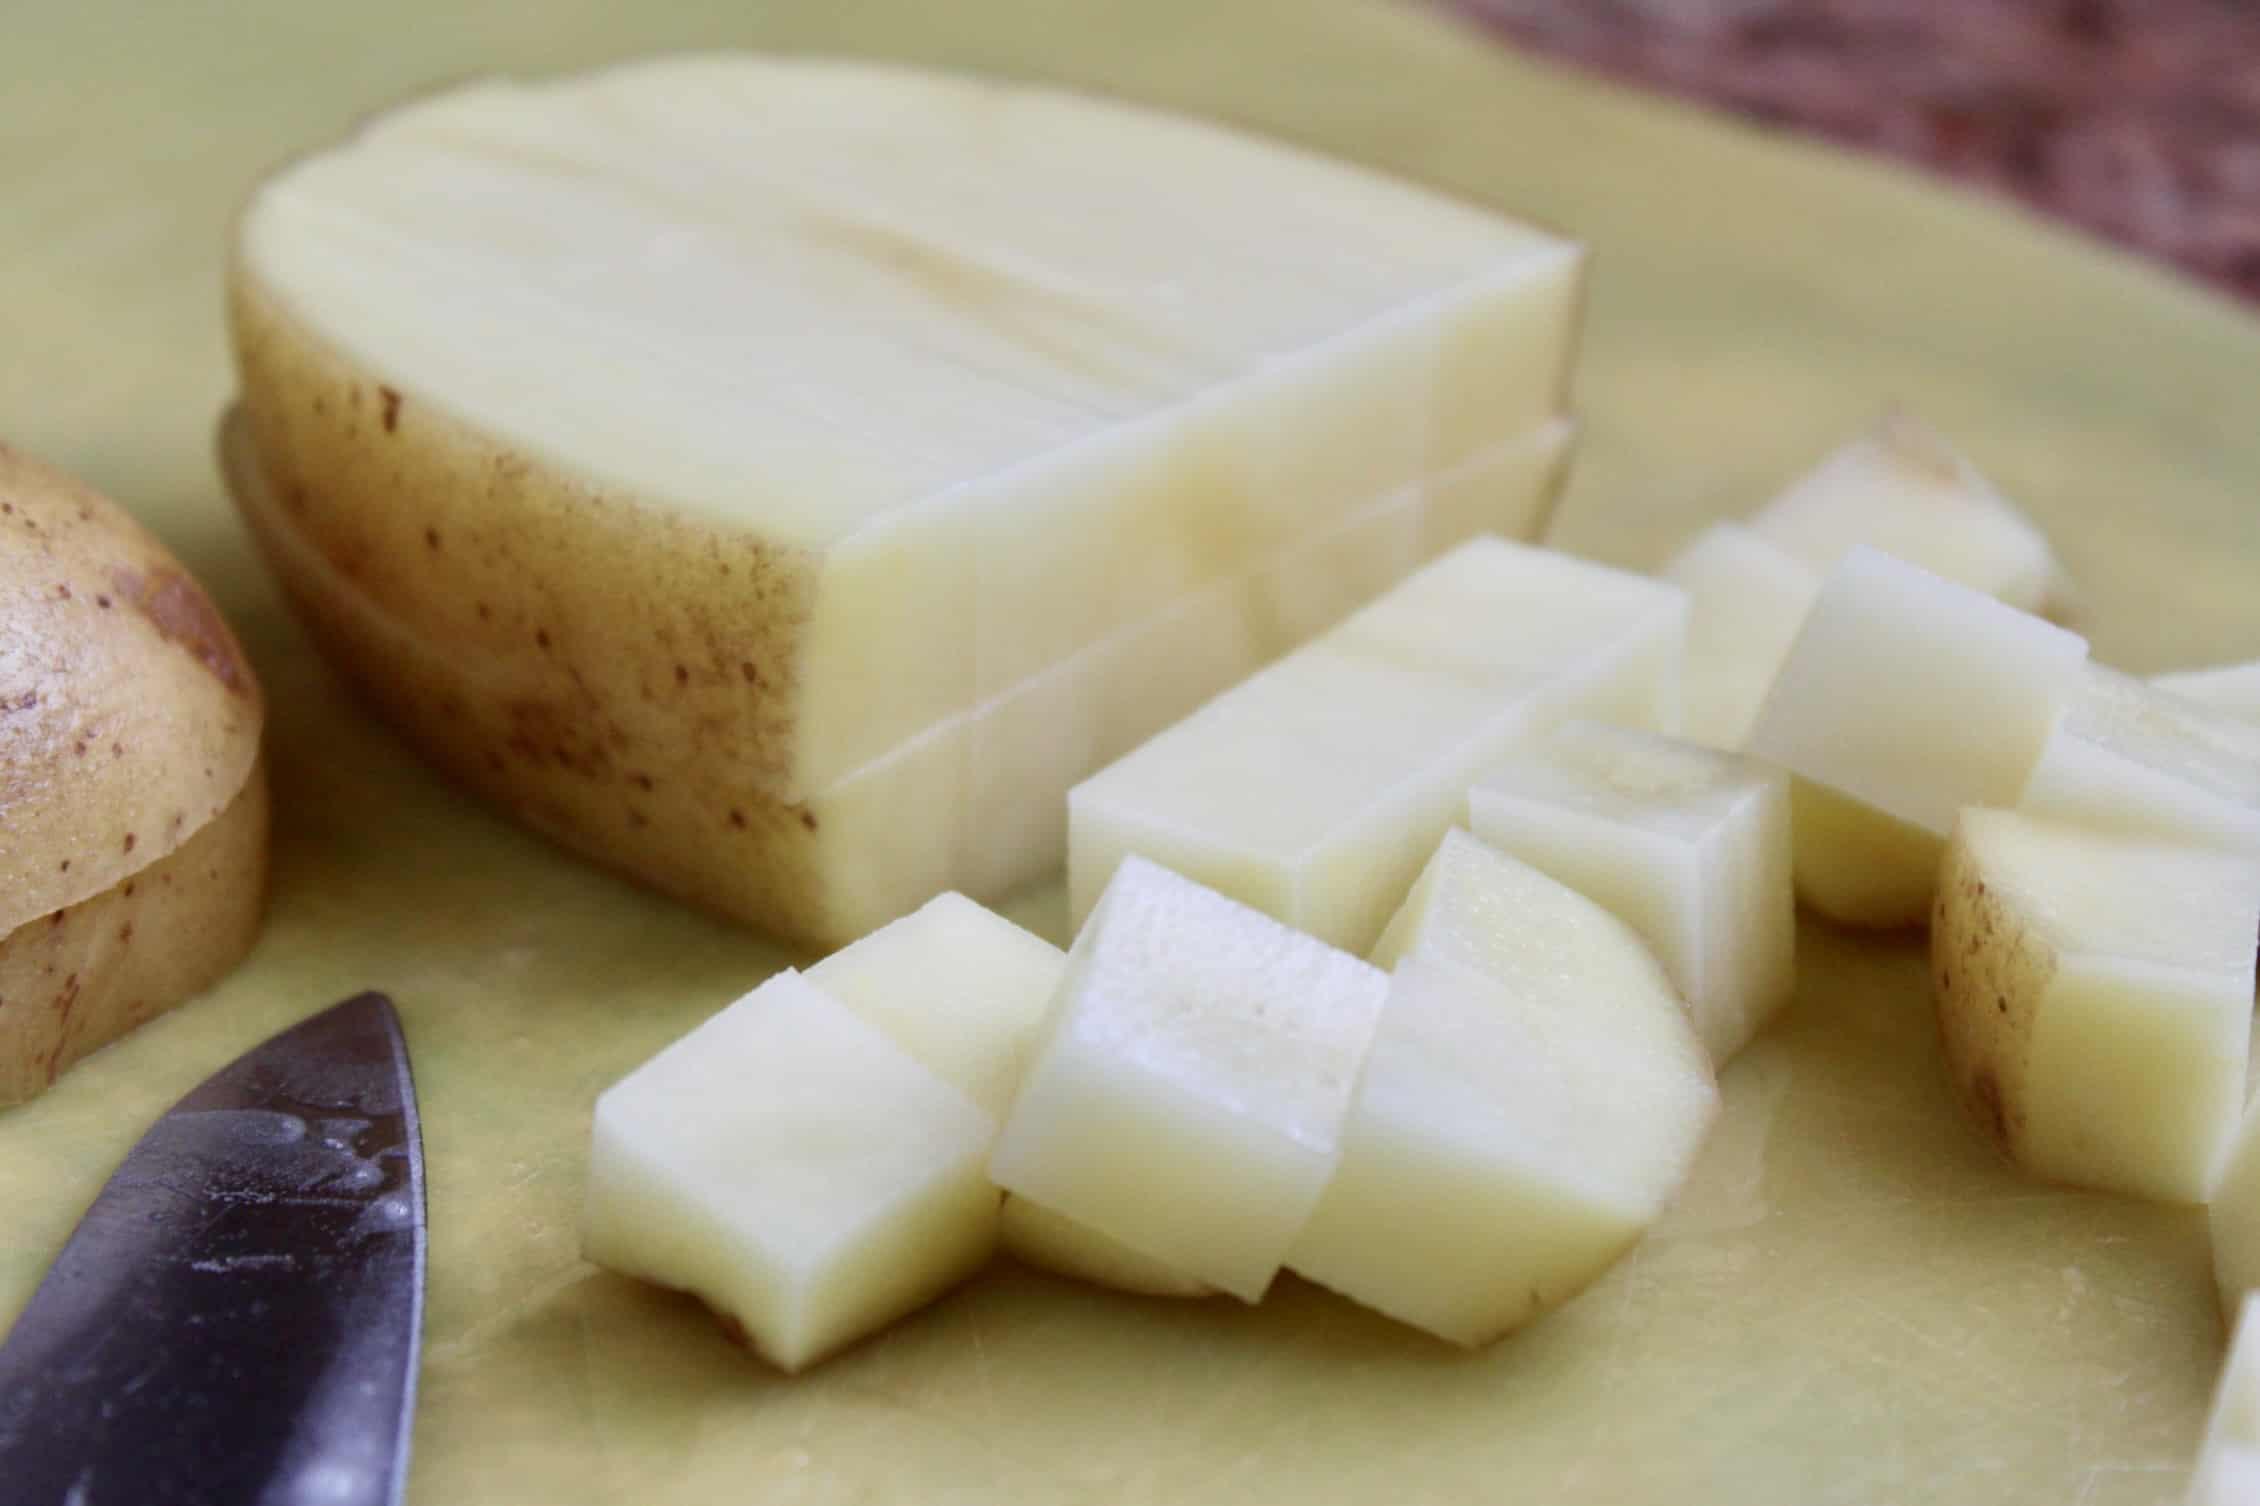 diced potato for frittata